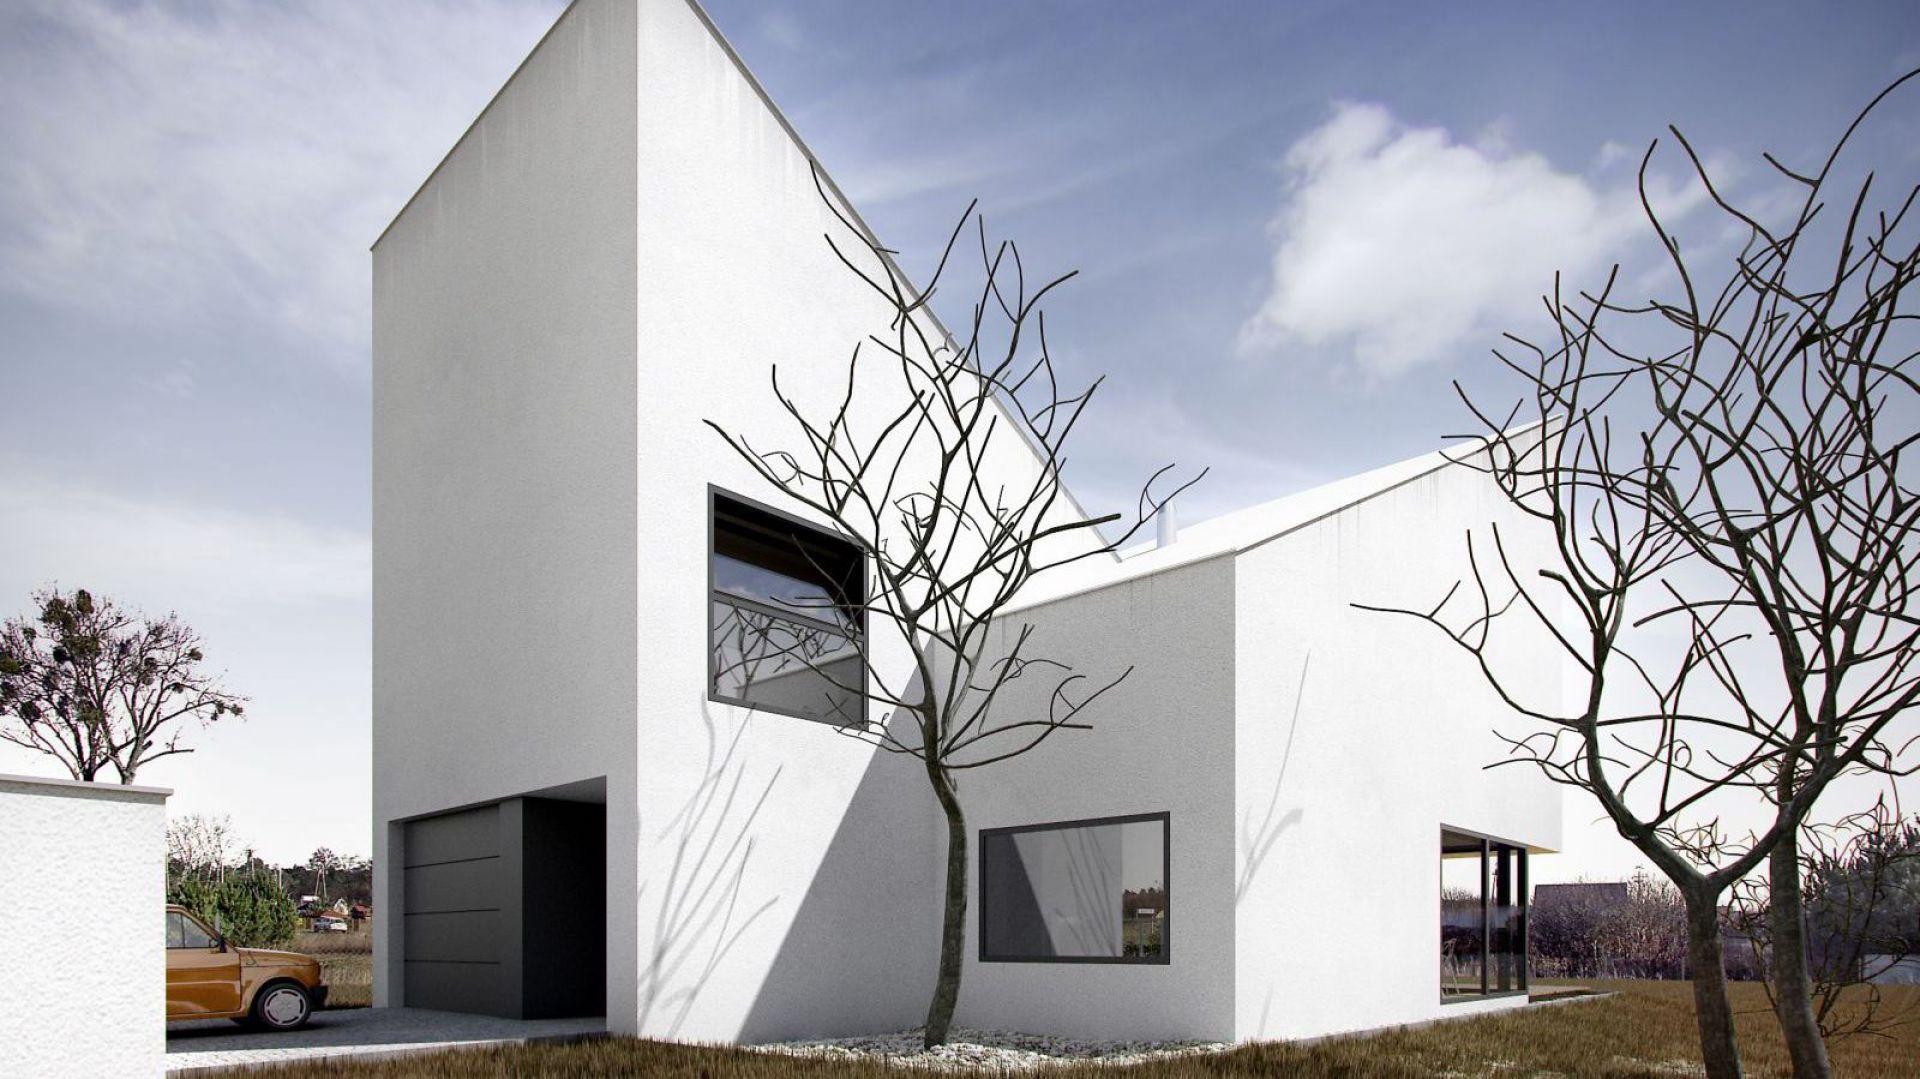 Dynamiczna forma domu nadaje mu nowoczesny charakter i odróżnia go od sąsiadujących tradycyjnych w kształcie budynków. Fot. Kluj Architekci